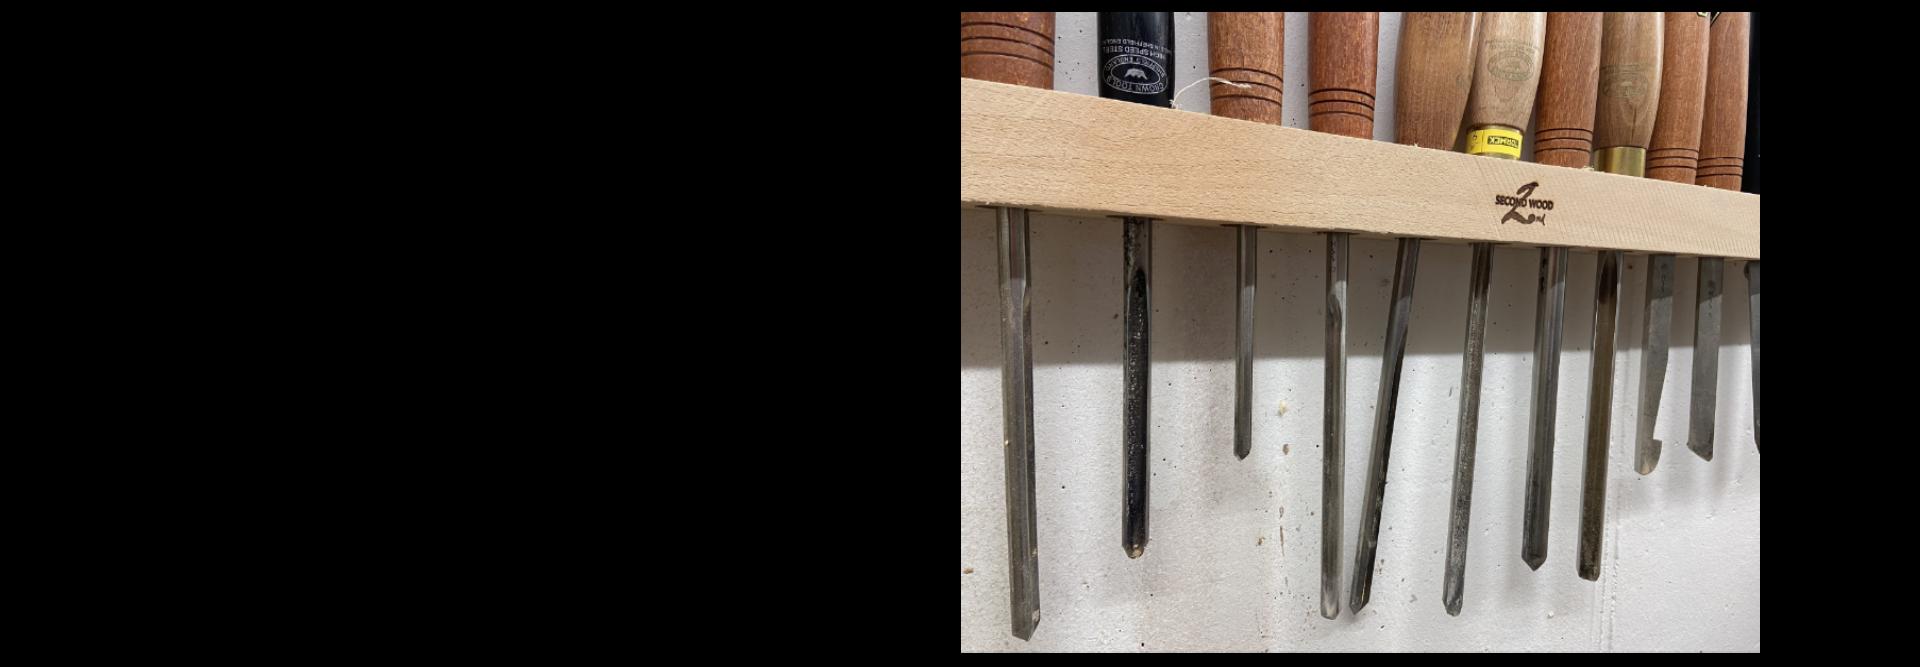 Drechseleisen Werkzeuge